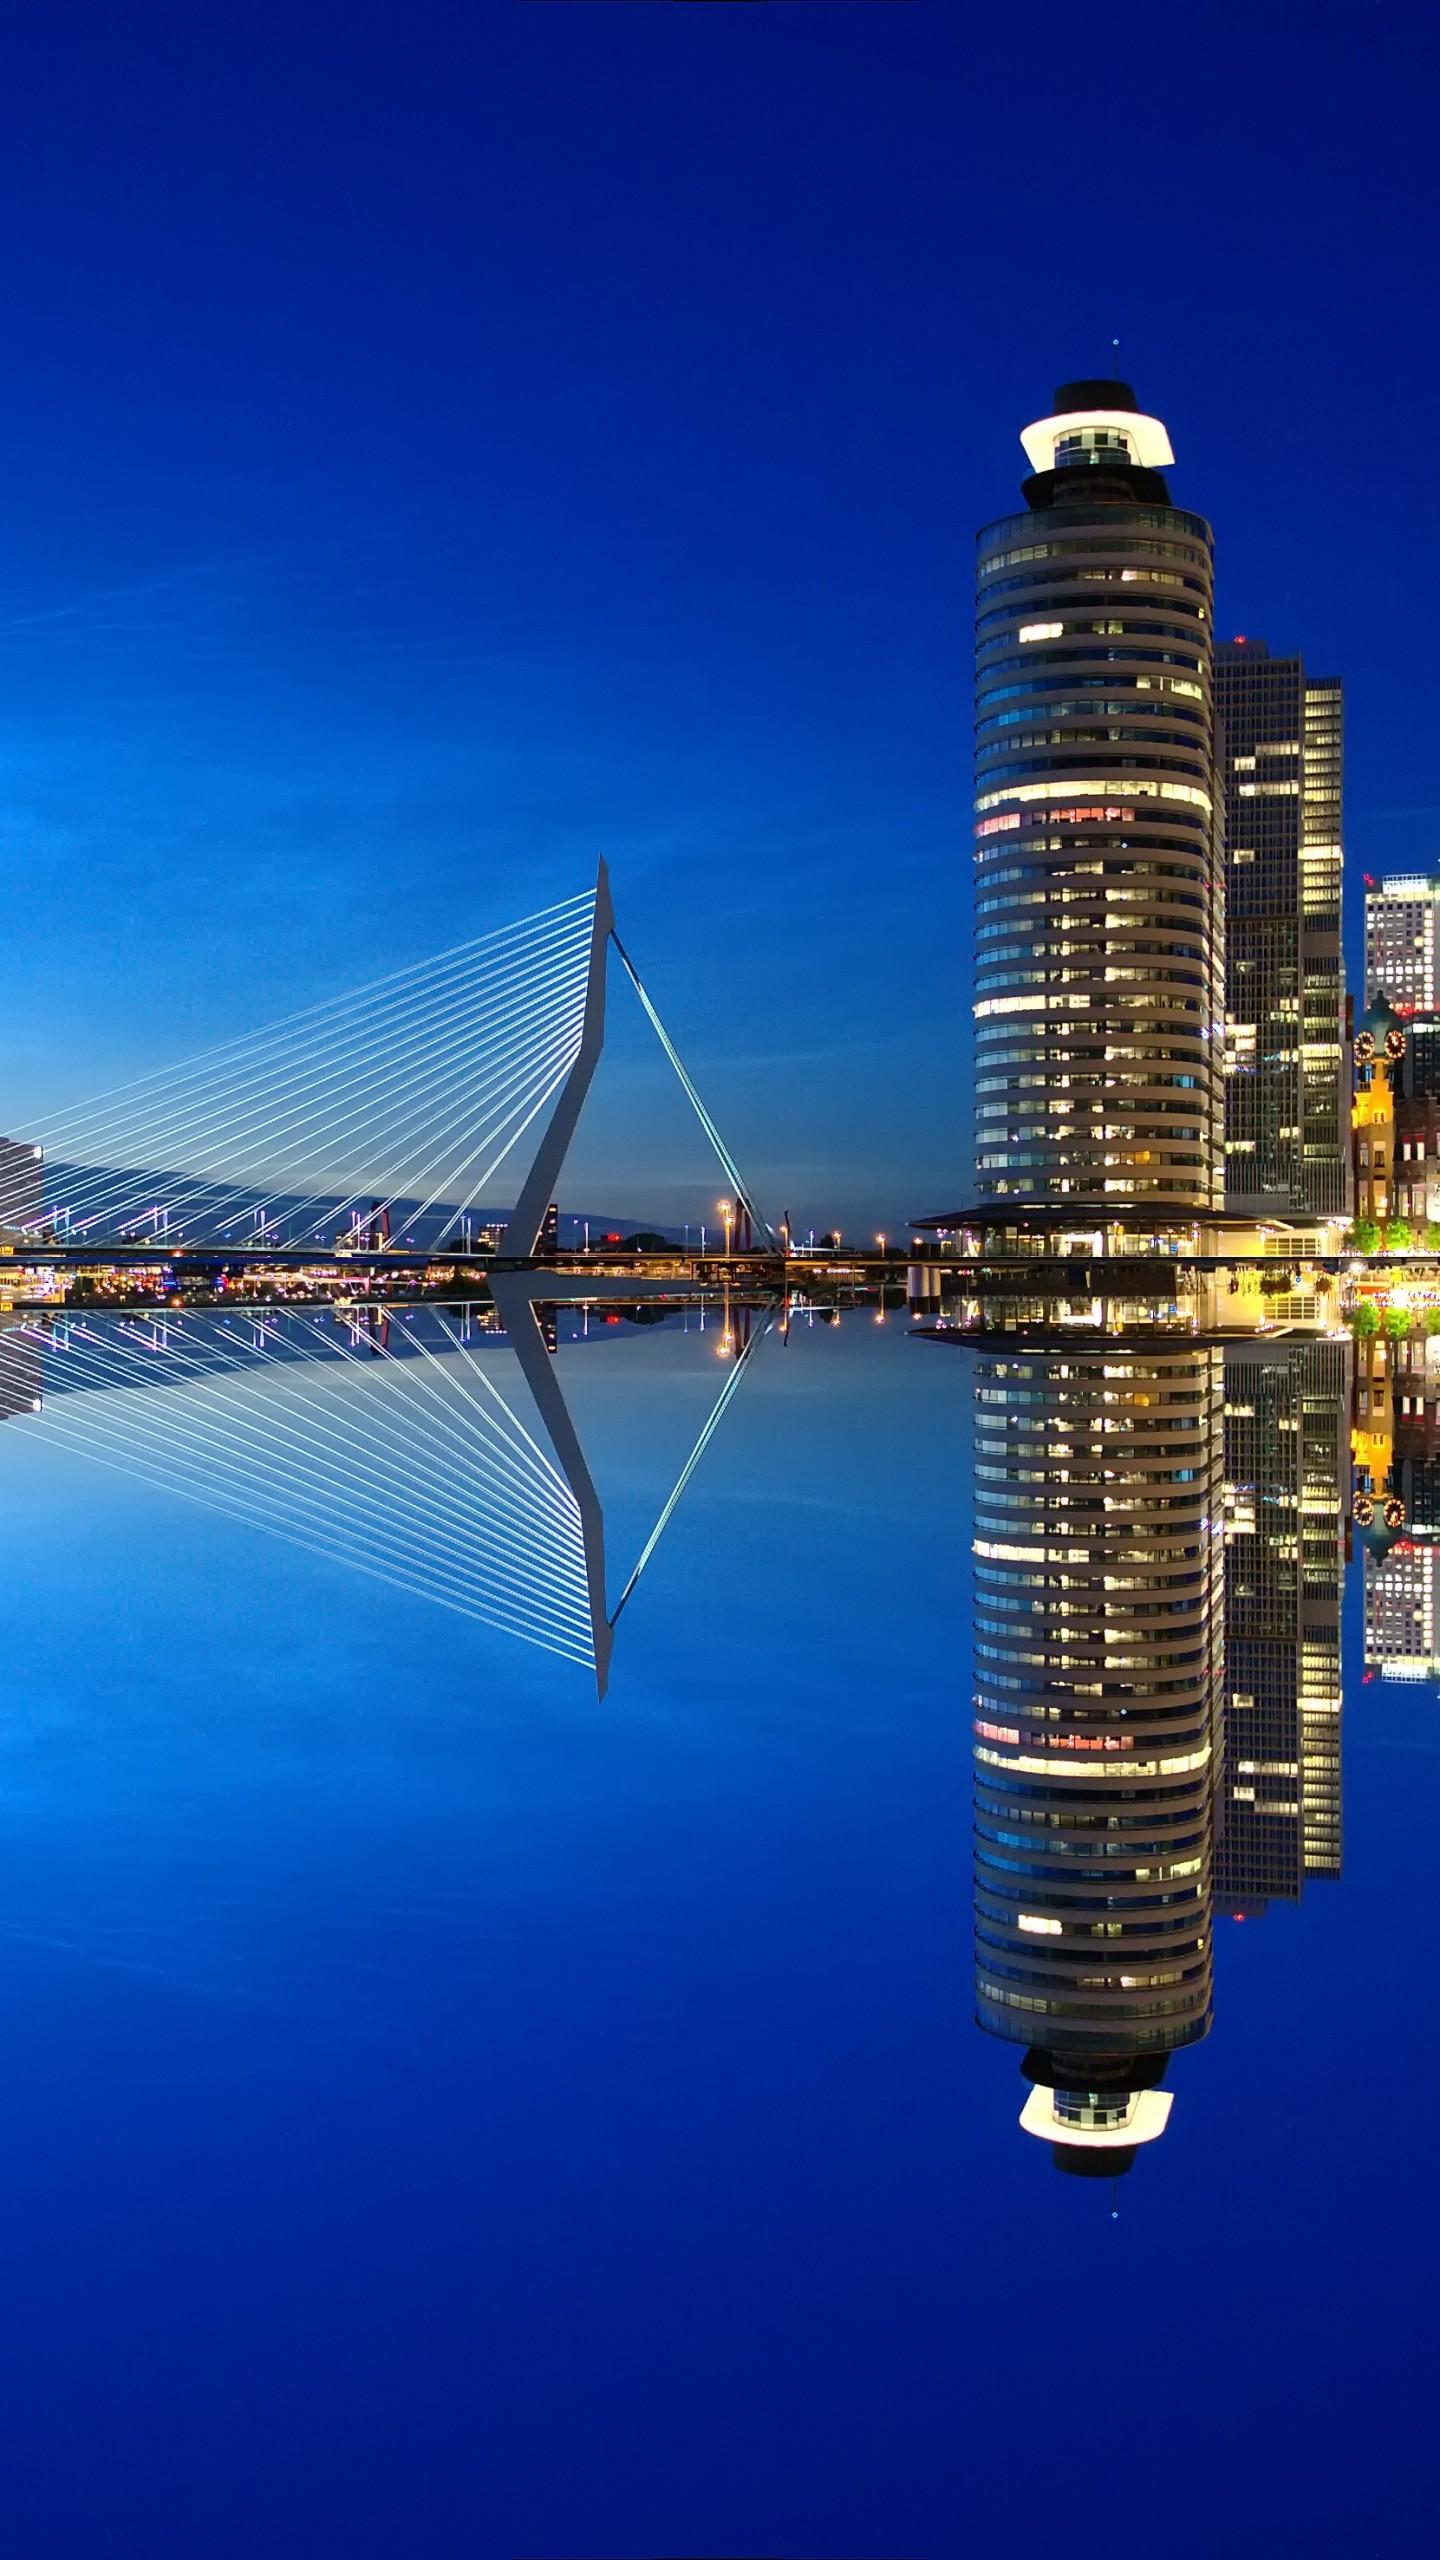 عکس زمینه رودخانه ای در شهرروتردام هلند پس زمینه